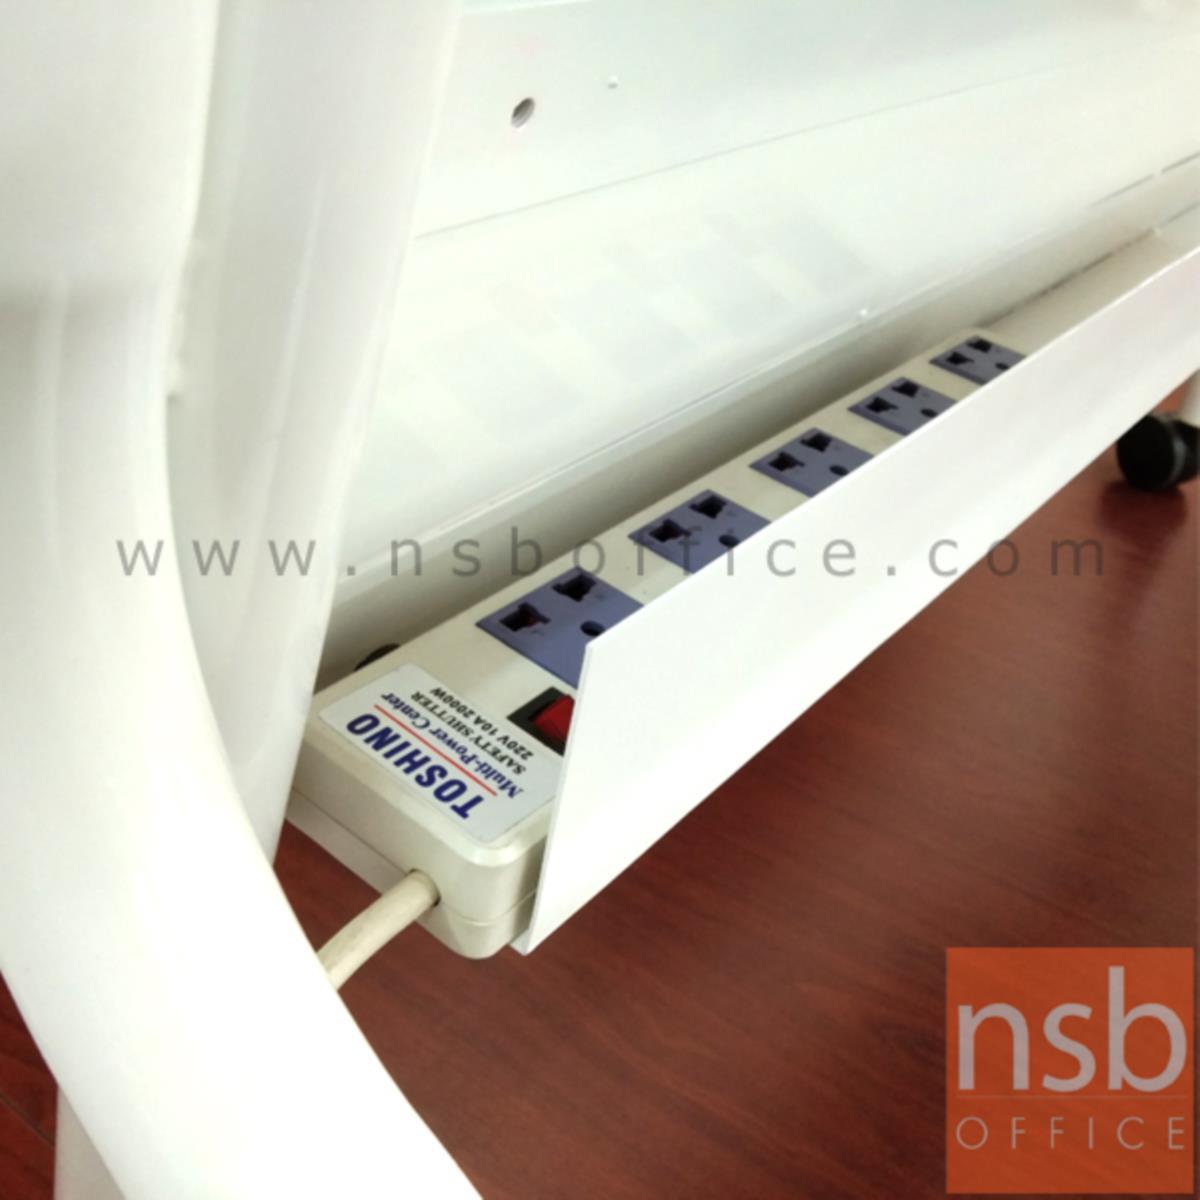 โต๊ะประชุมพับเก็บได้ล้อเลื่อน รุ่น Sazerac (ซาเซอแรค)  ขนาด 120W ,150W ,180W cm.  พร้อมบังโป๊ทึบมีรางเก็บสาบไฟ